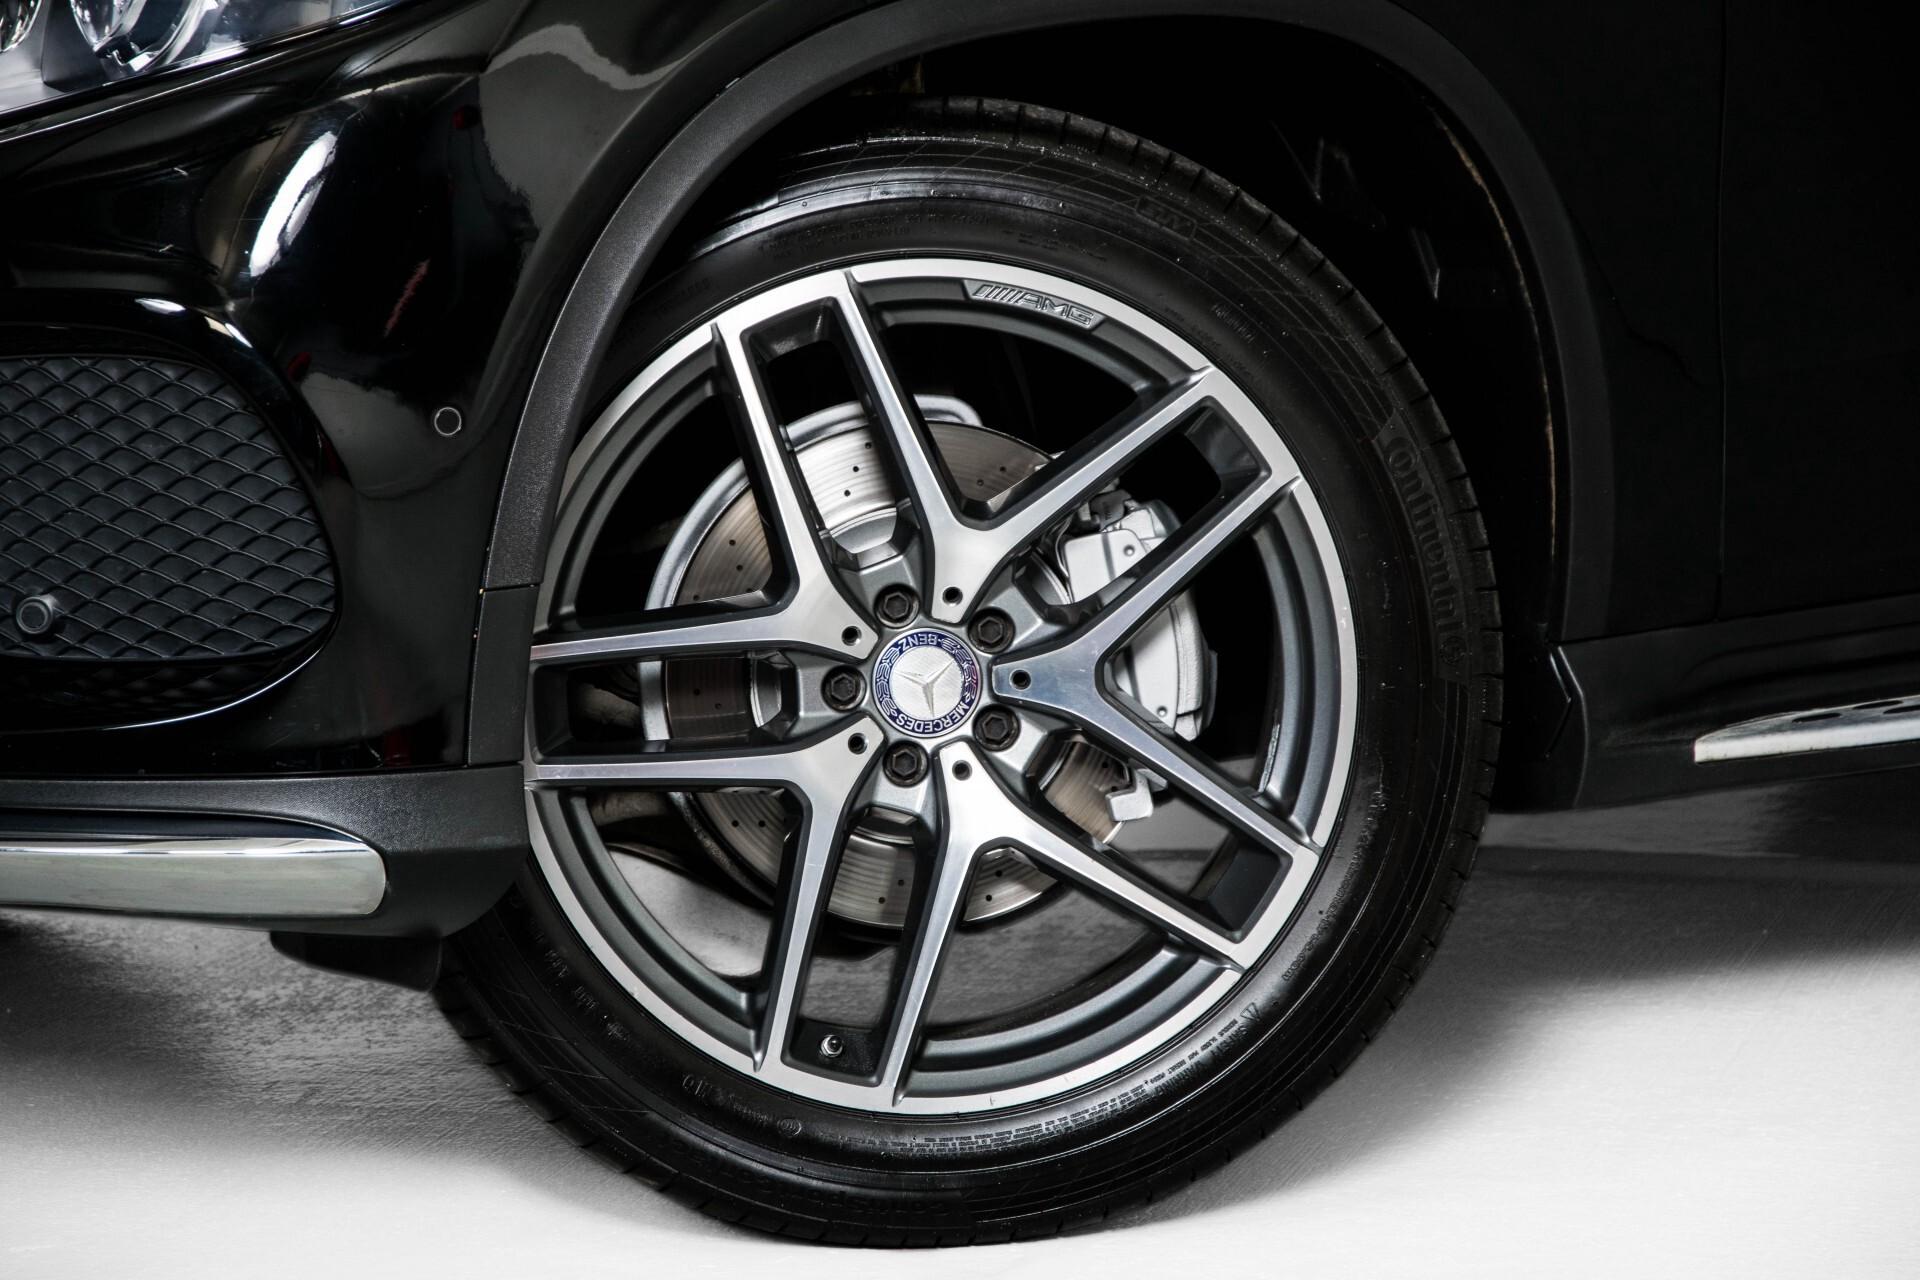 Mercedes-Benz GLE Coupé 350 d 4-M AMG Luchtvering/Distronic/Panorama/Mem/Trekhaak Aut9 Foto 70